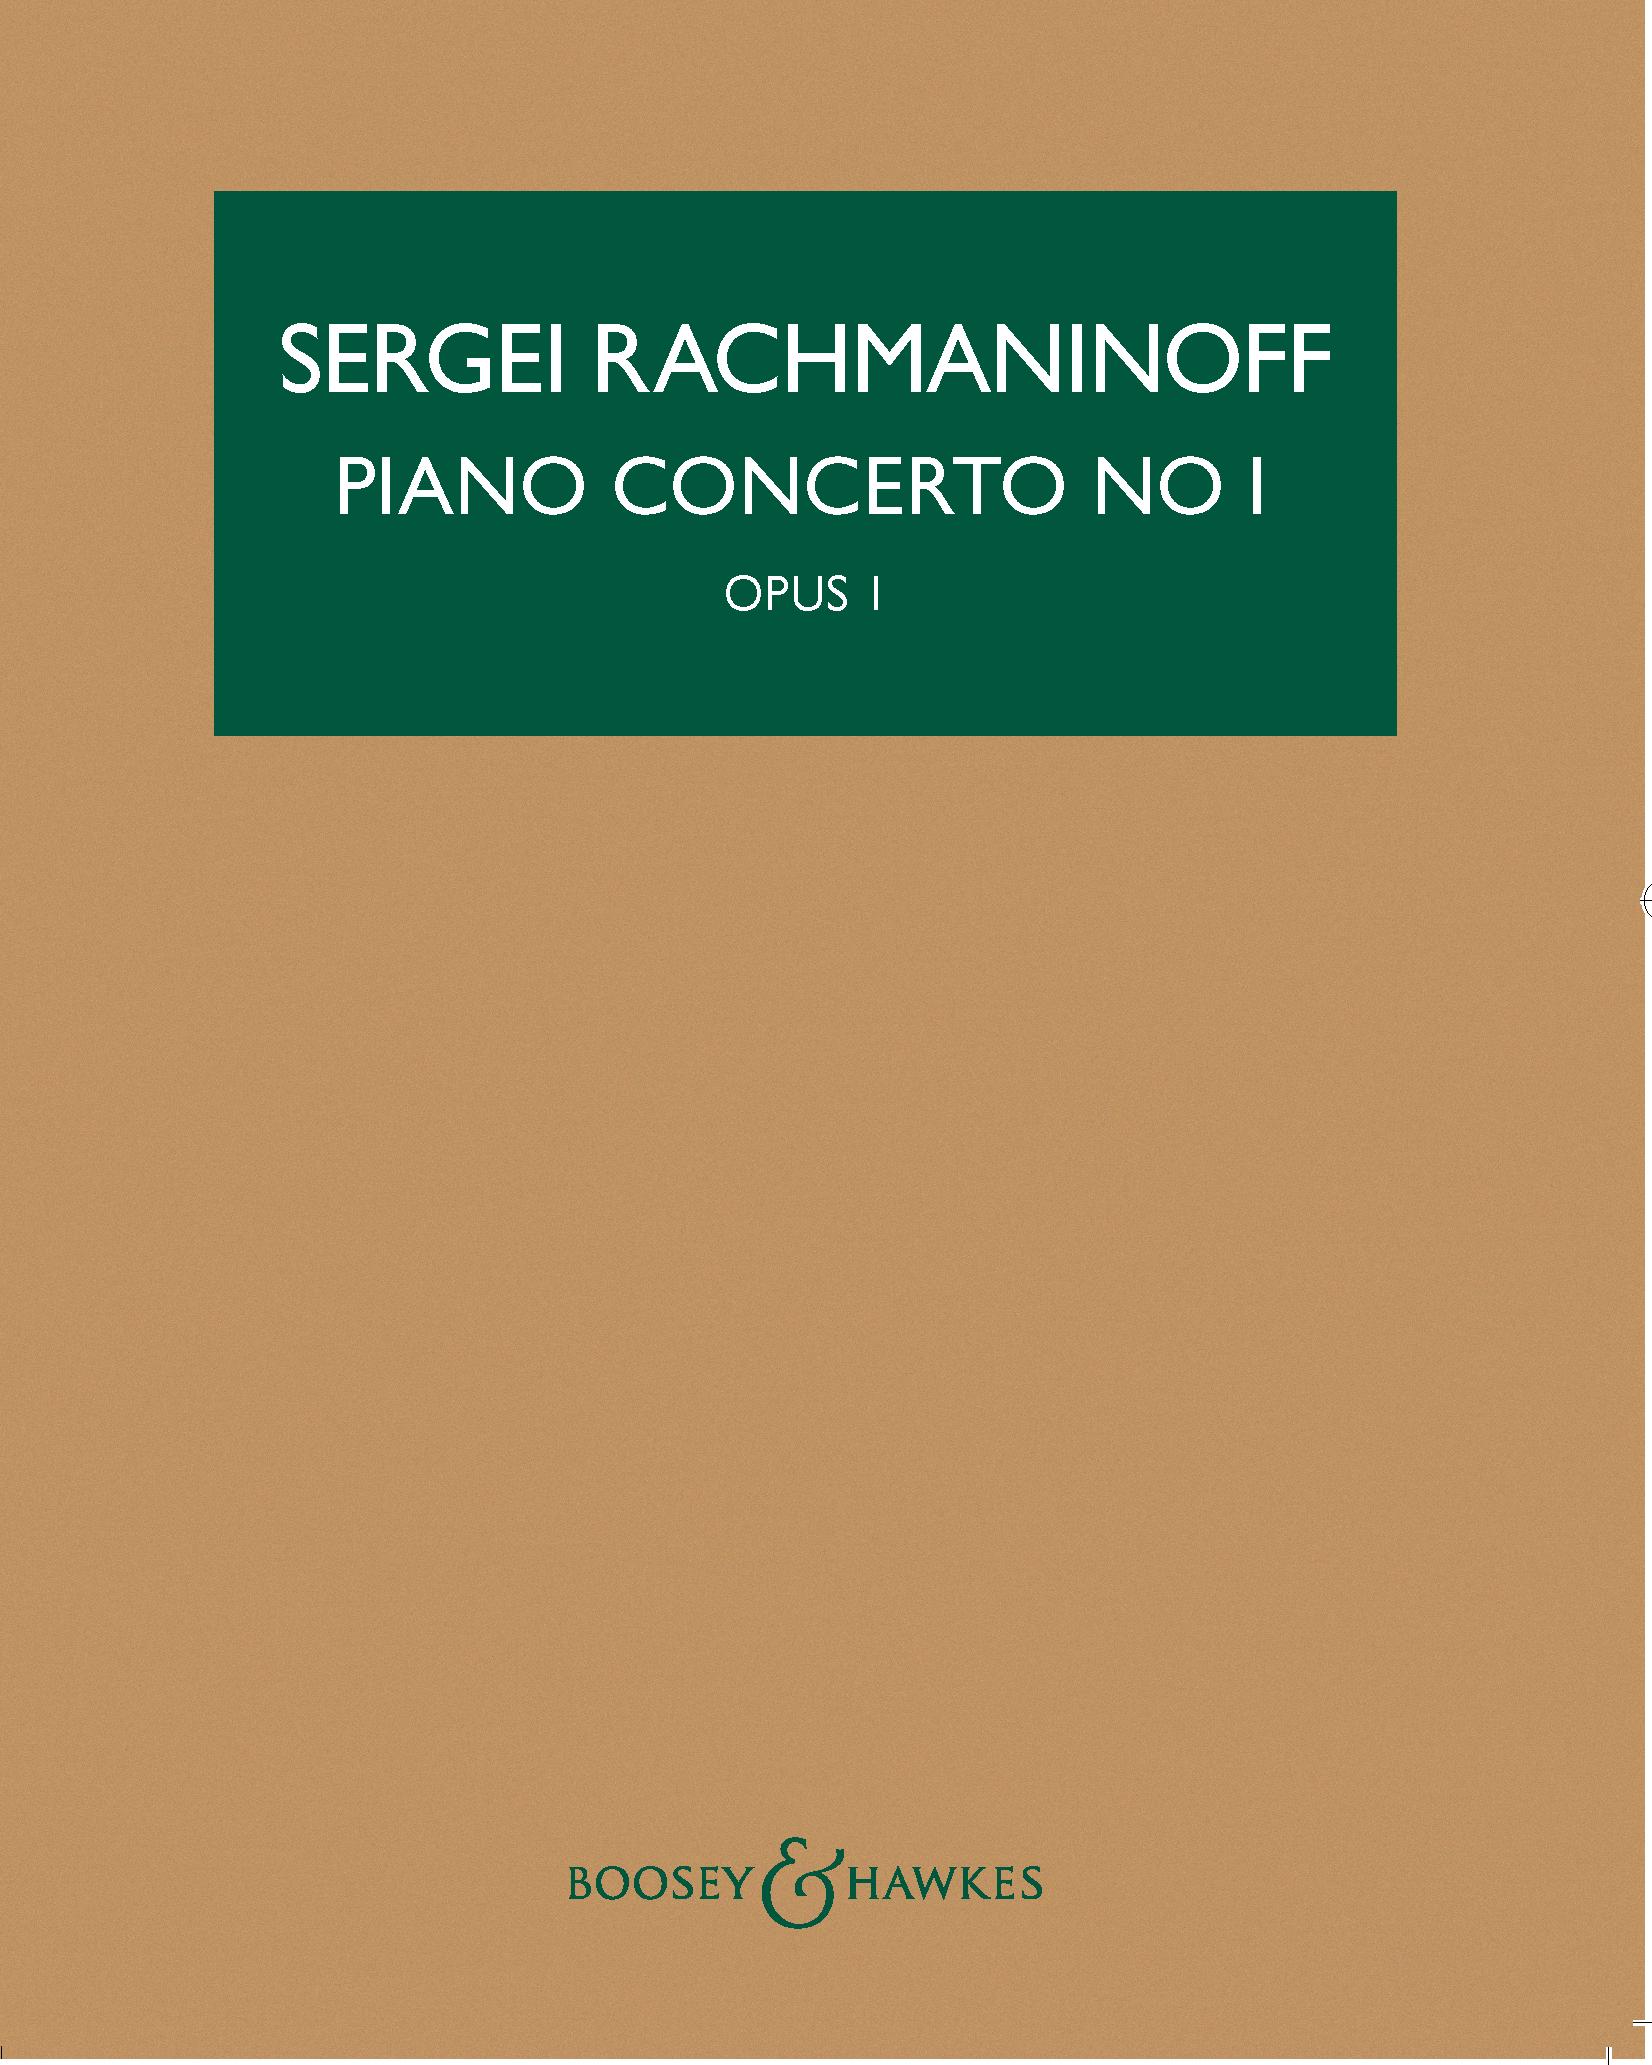 Piano Concerto No. 1 in F-sharp minor, op. 1